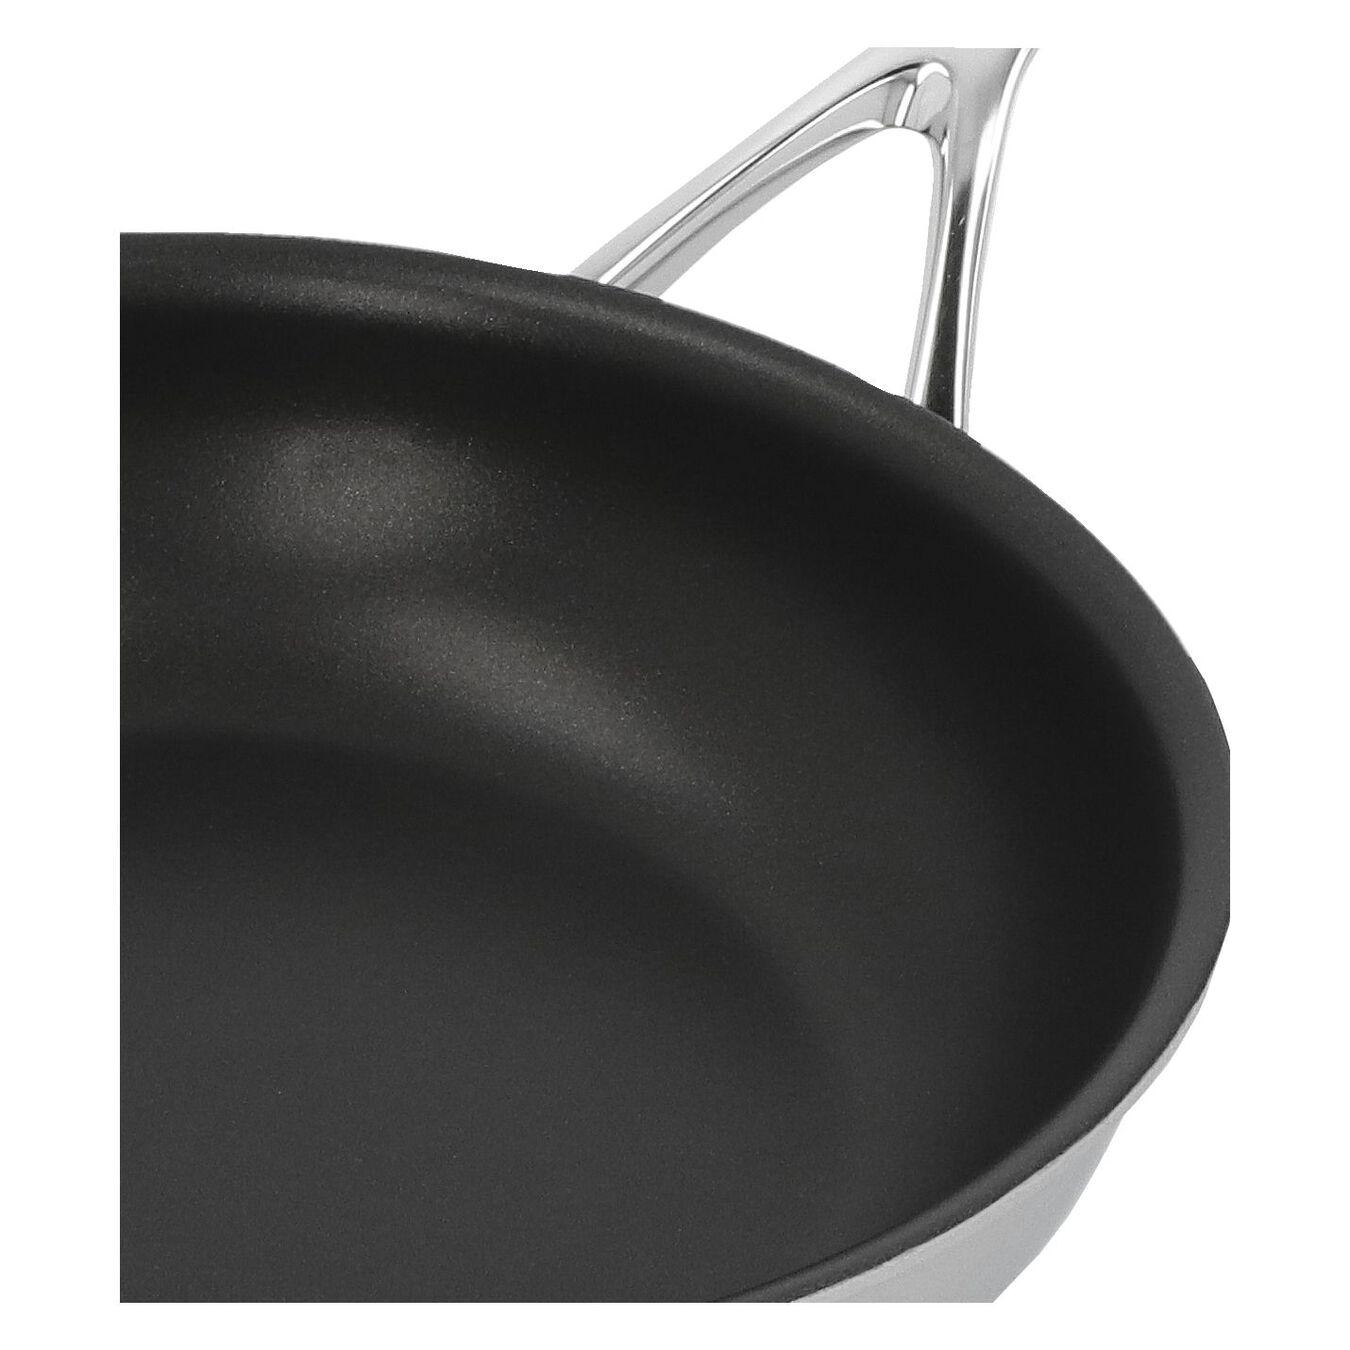 Poêle Duraslide 20 cm,,large 5